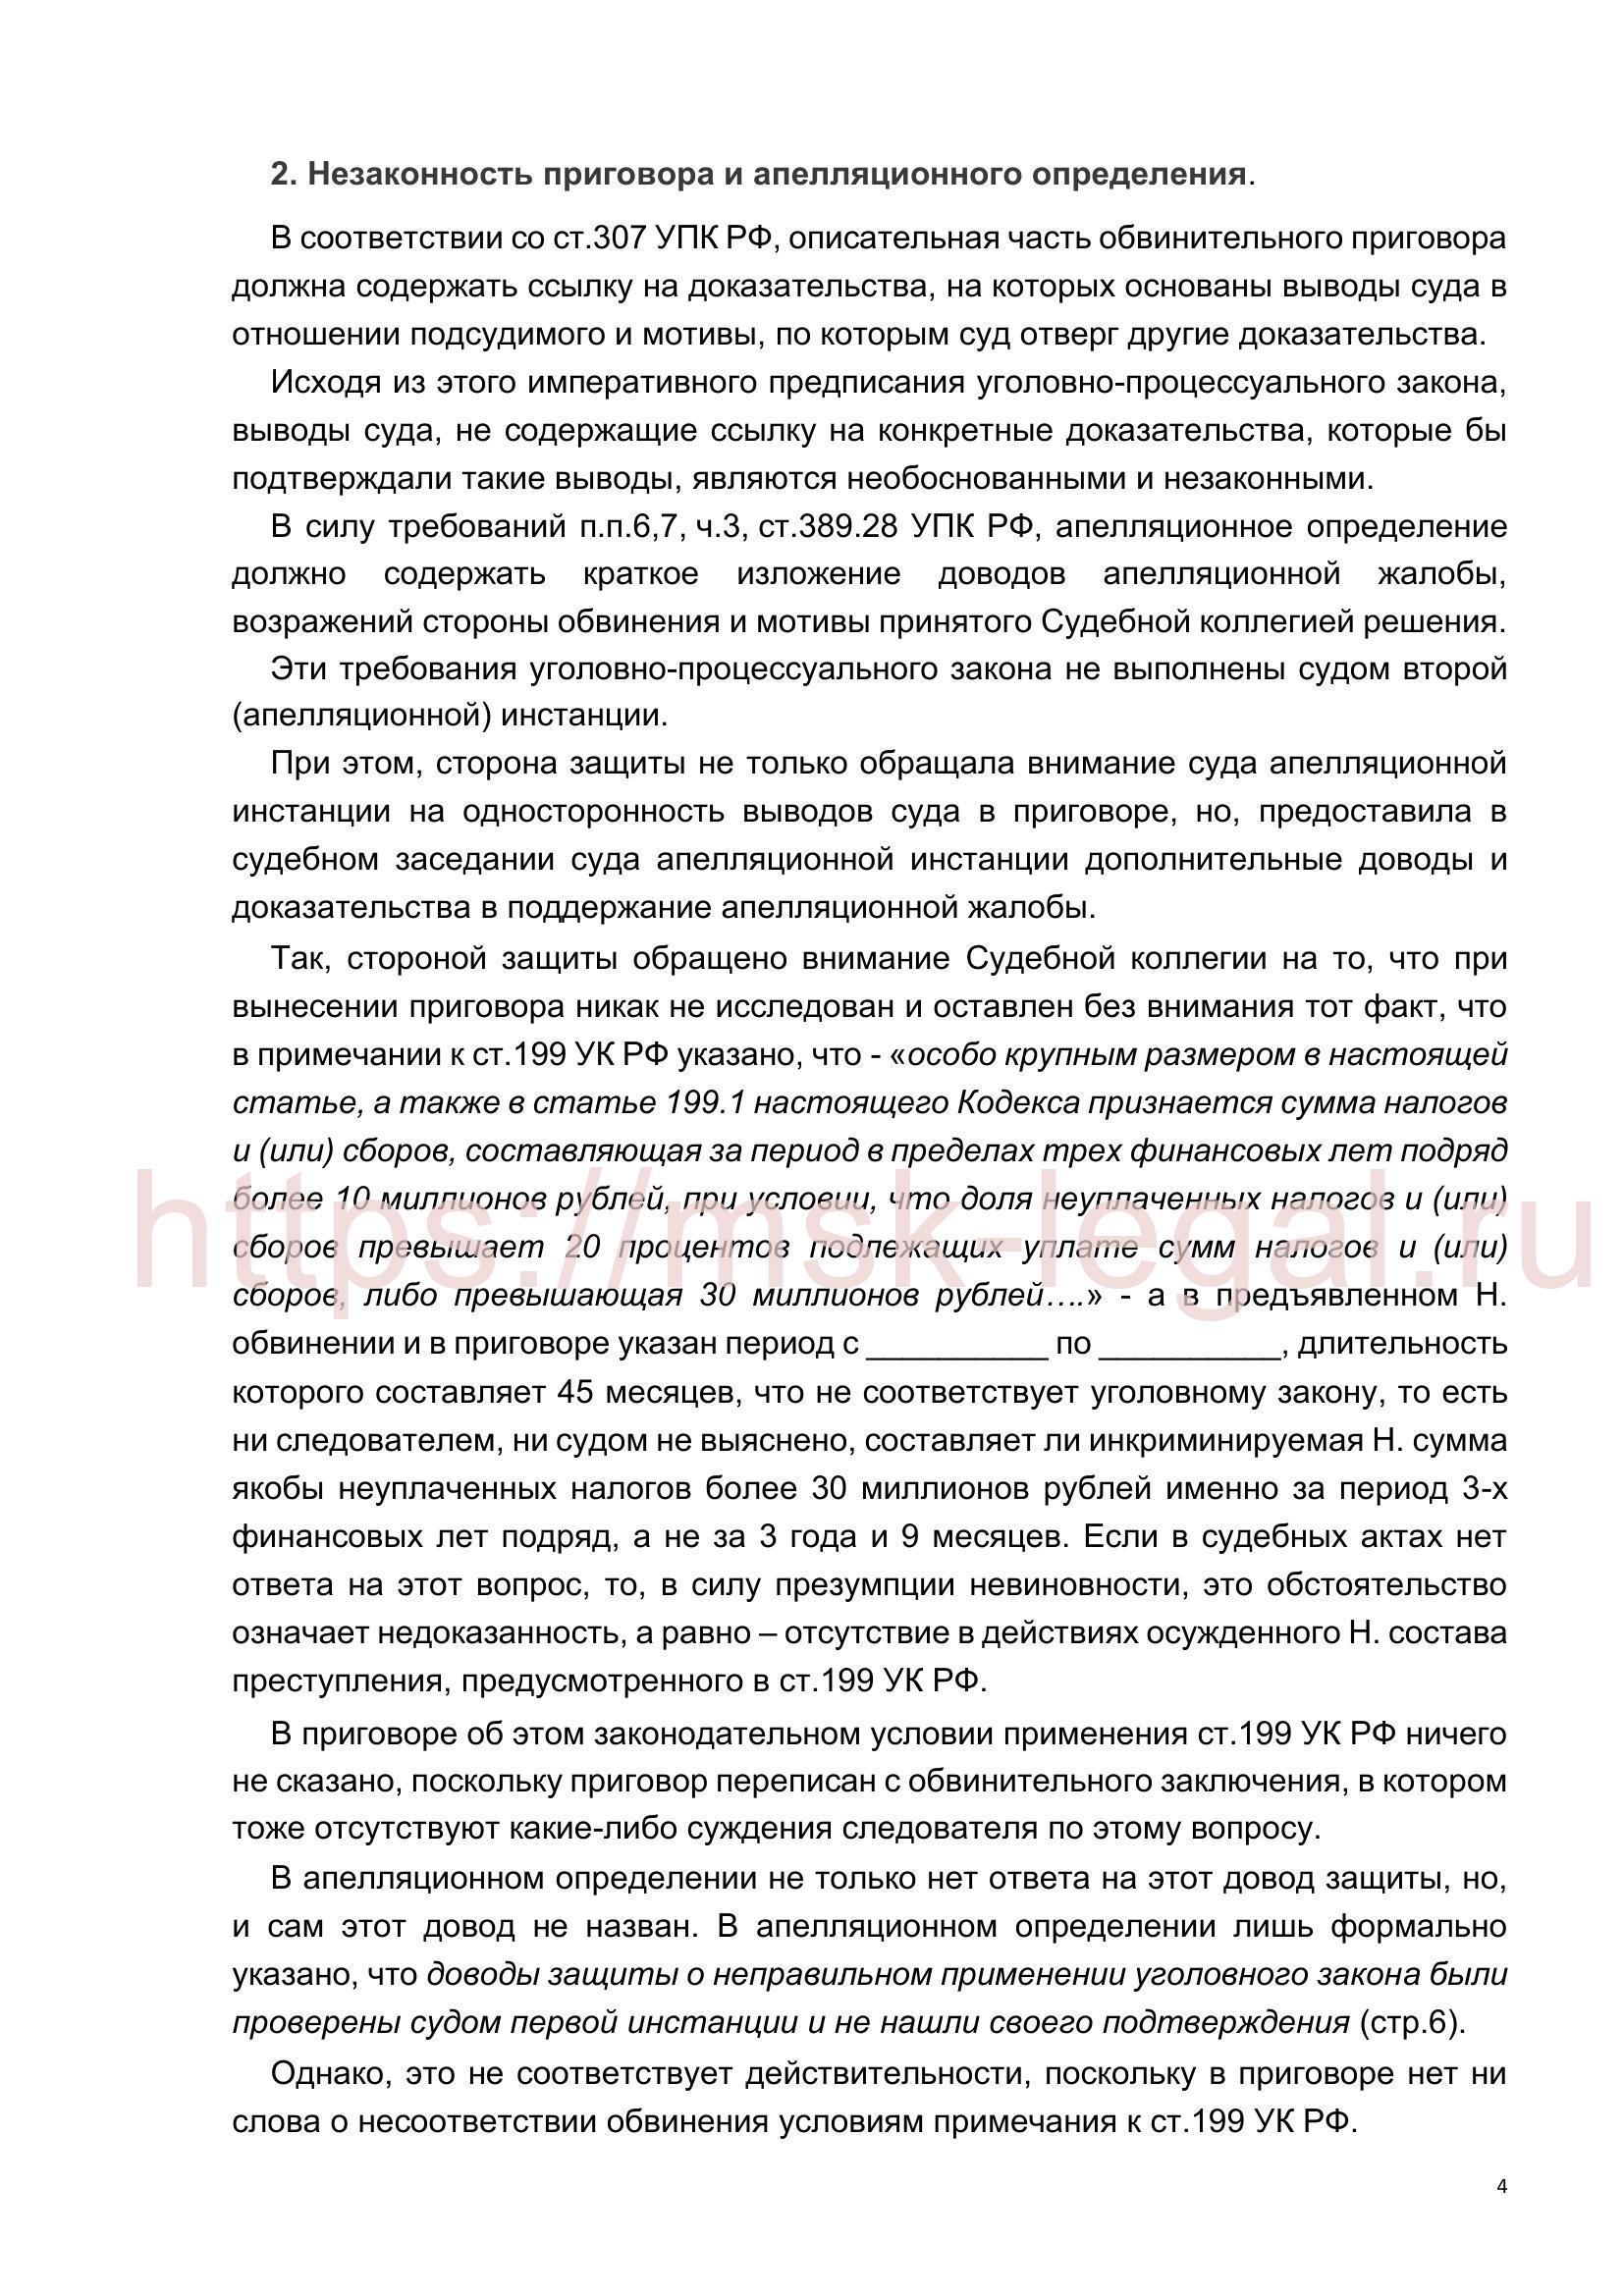 Кассационная жалоба на приговор по ст. 199 УК РФ